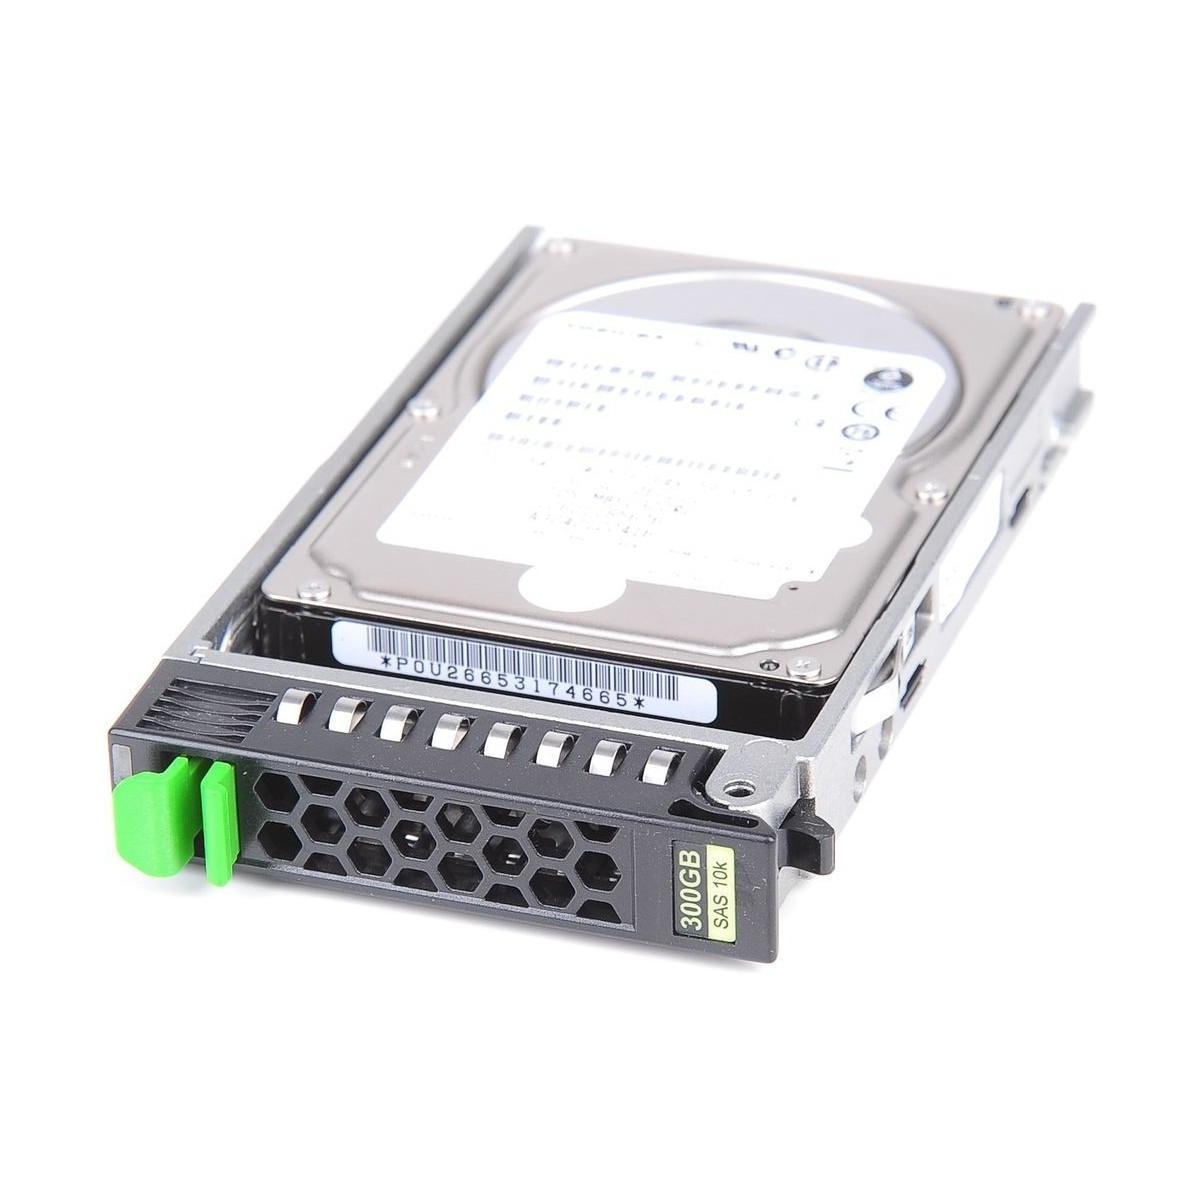 IBM x3650 M2 2.53QC 16GB 4x73GB SAS 2xPSU RAID